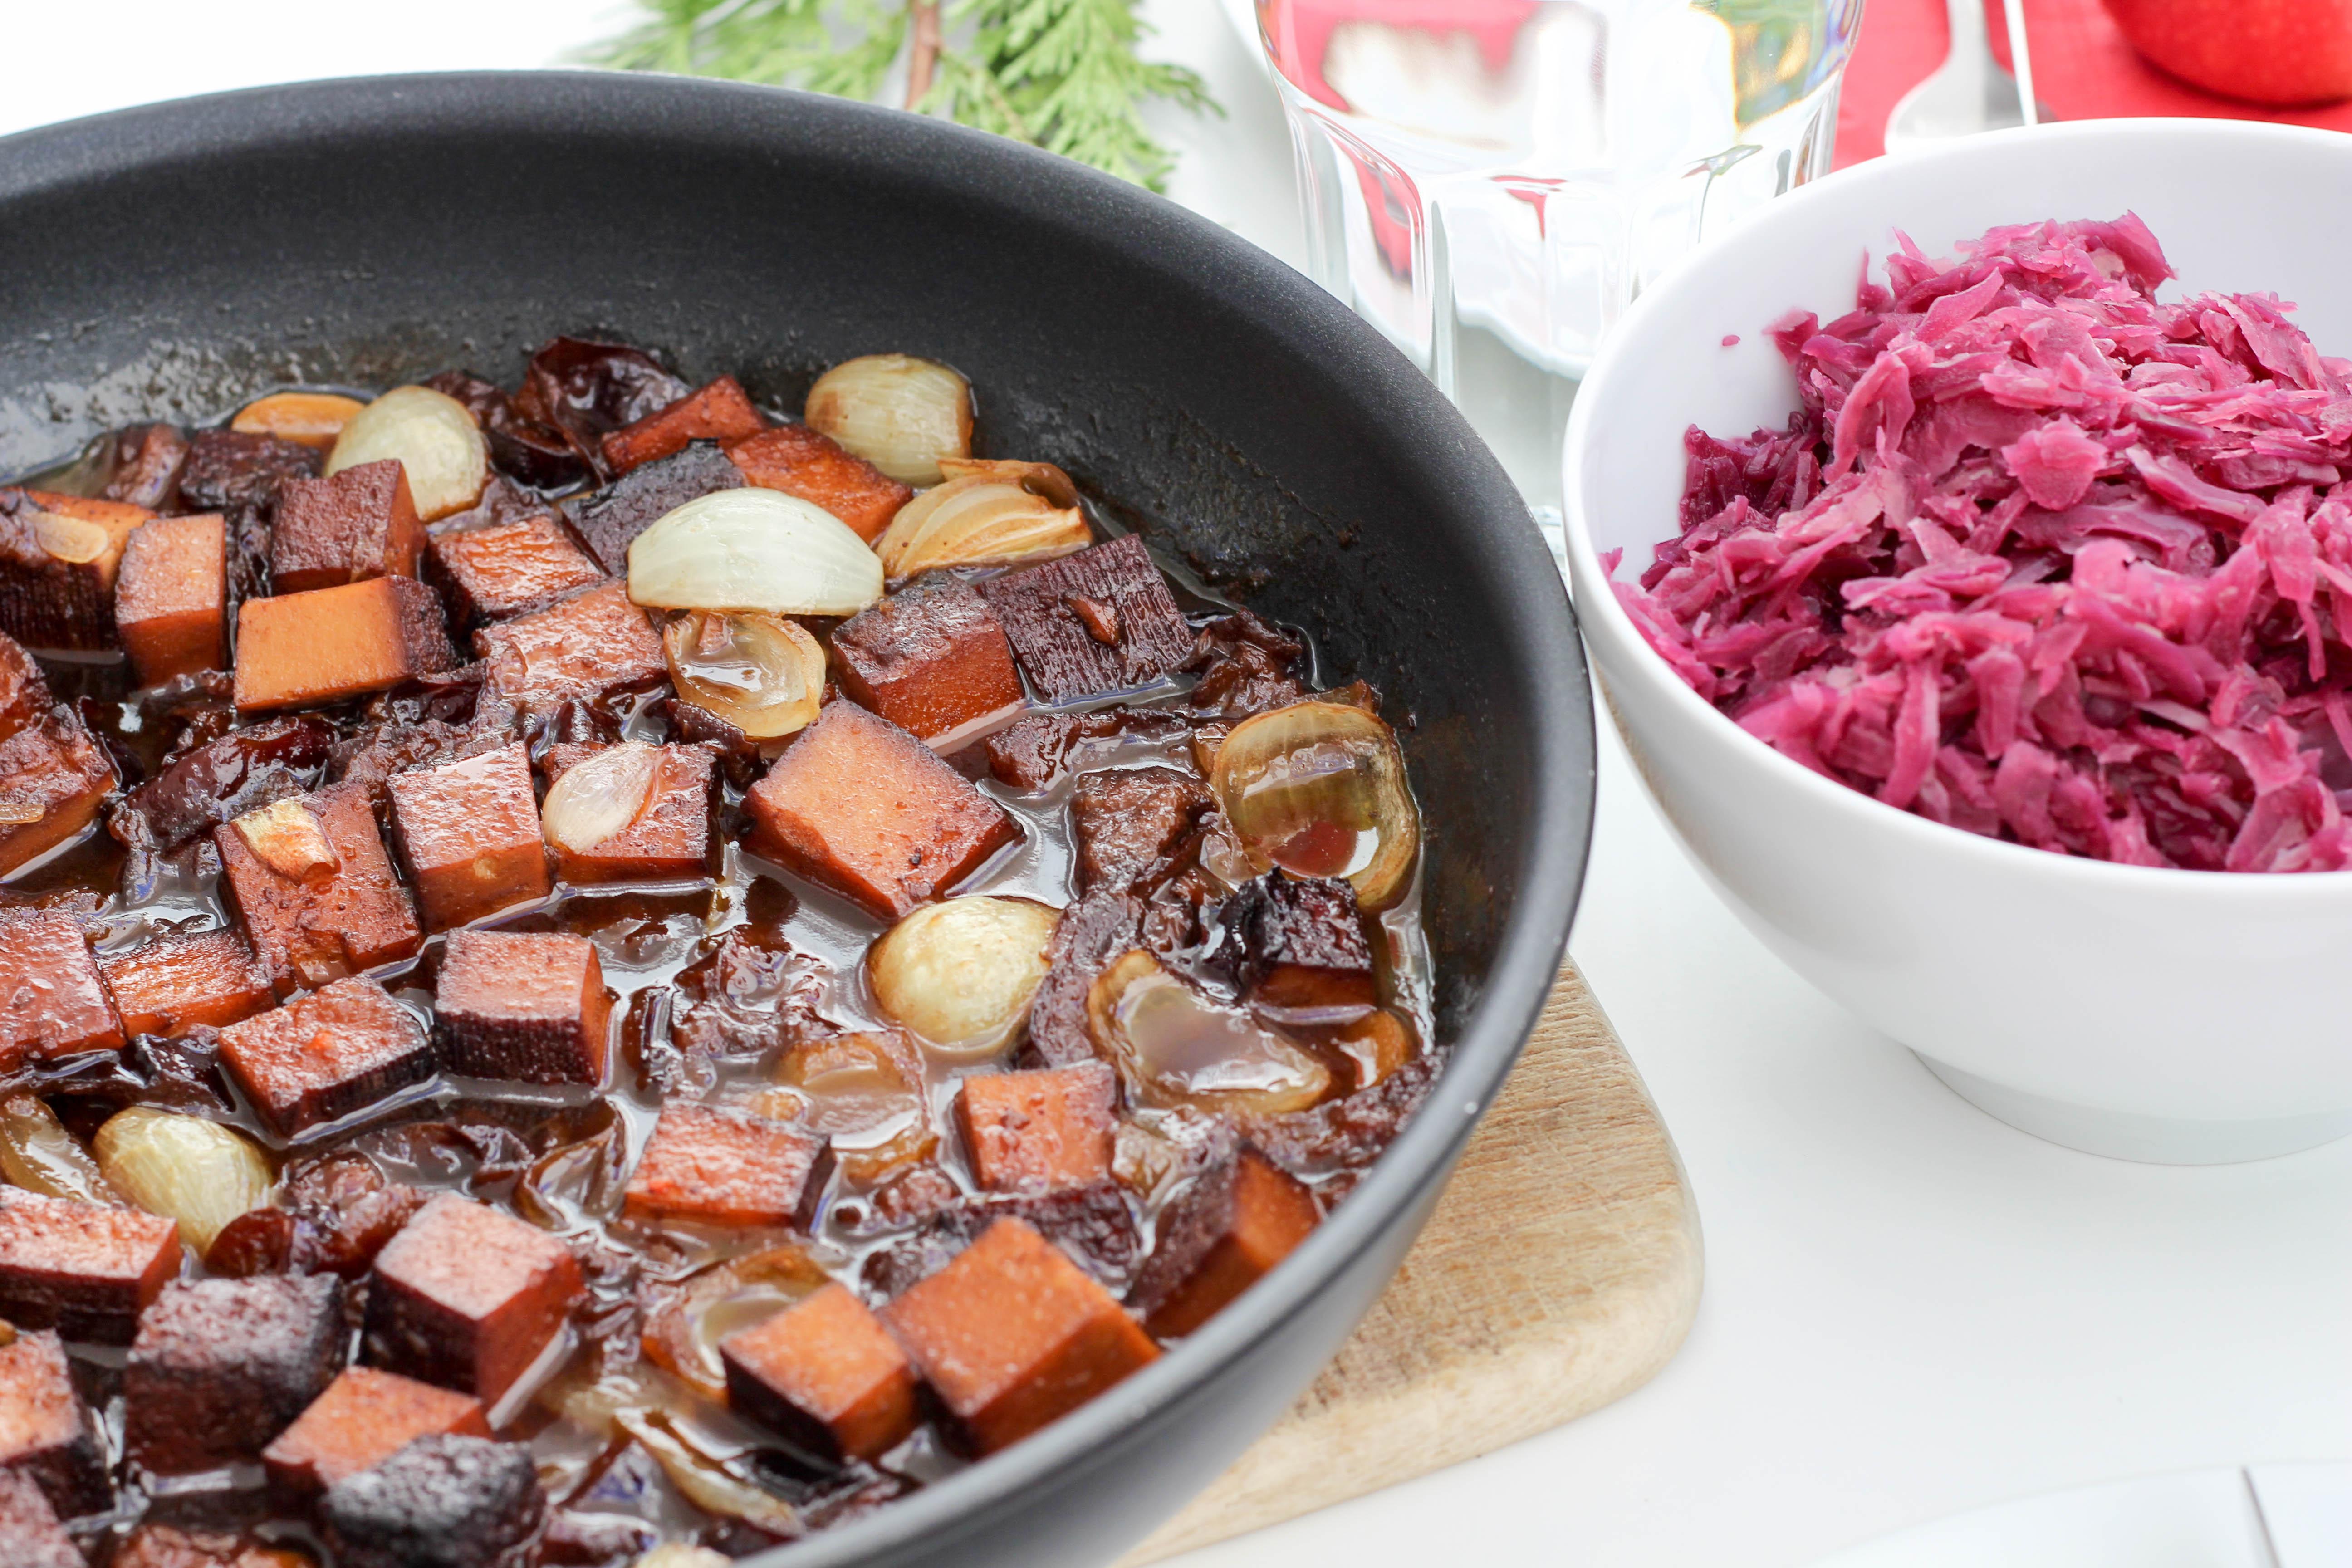 vegan-toforagout-pflaumen-weihnachten-advent-kartoffelknoedel-rotkraut-soulfood-homespa-plantbased-1-von-1-2